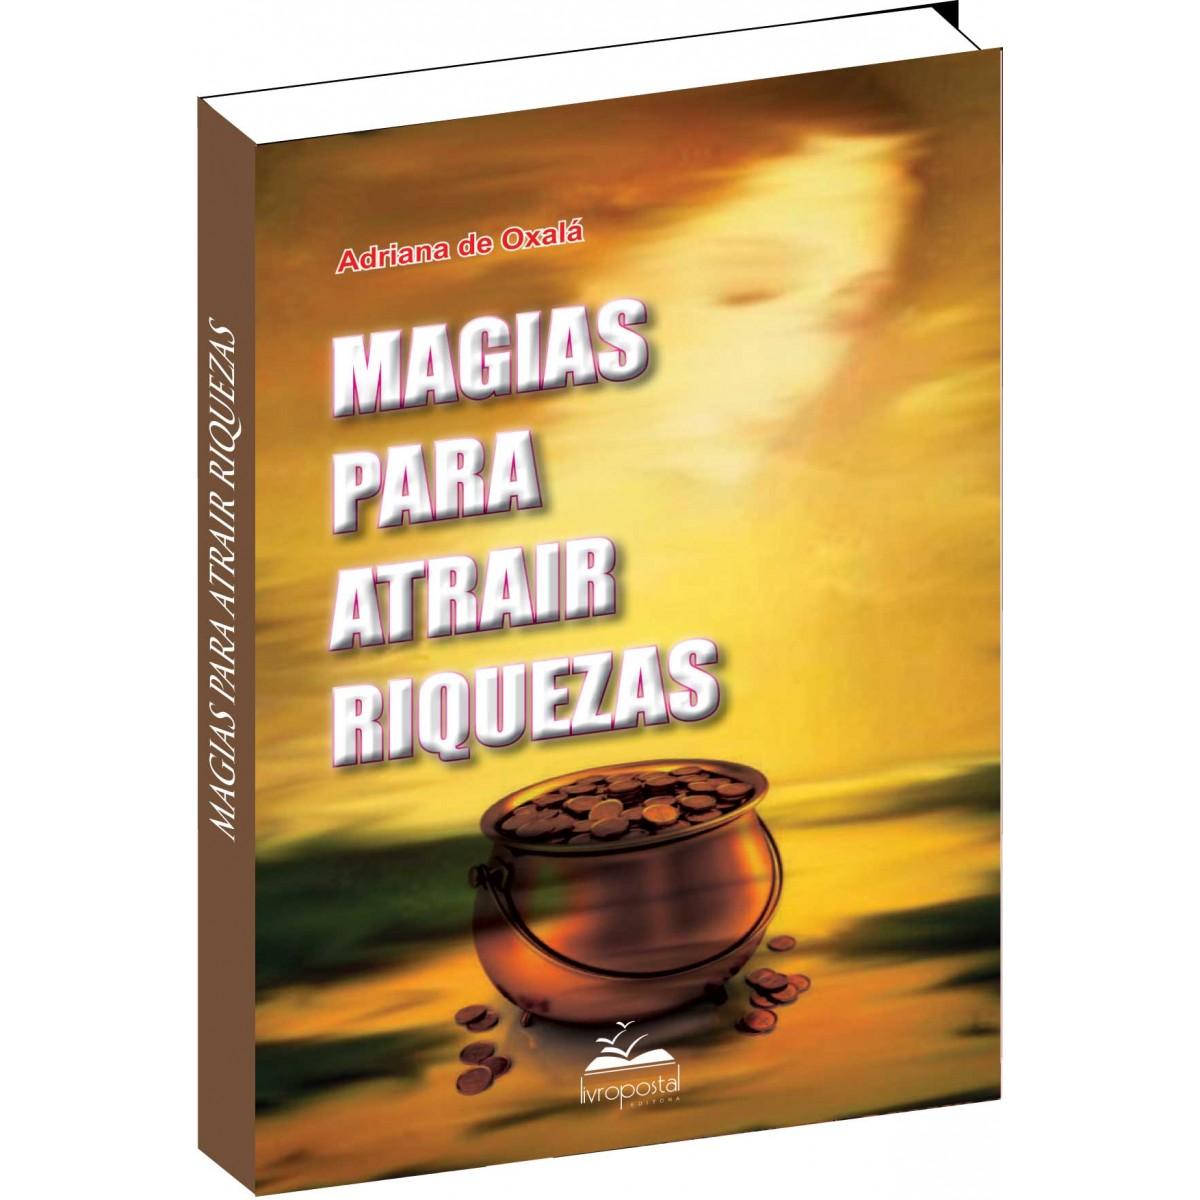 Livro - Magias para atrair Riquezas  - Livropostal Editora